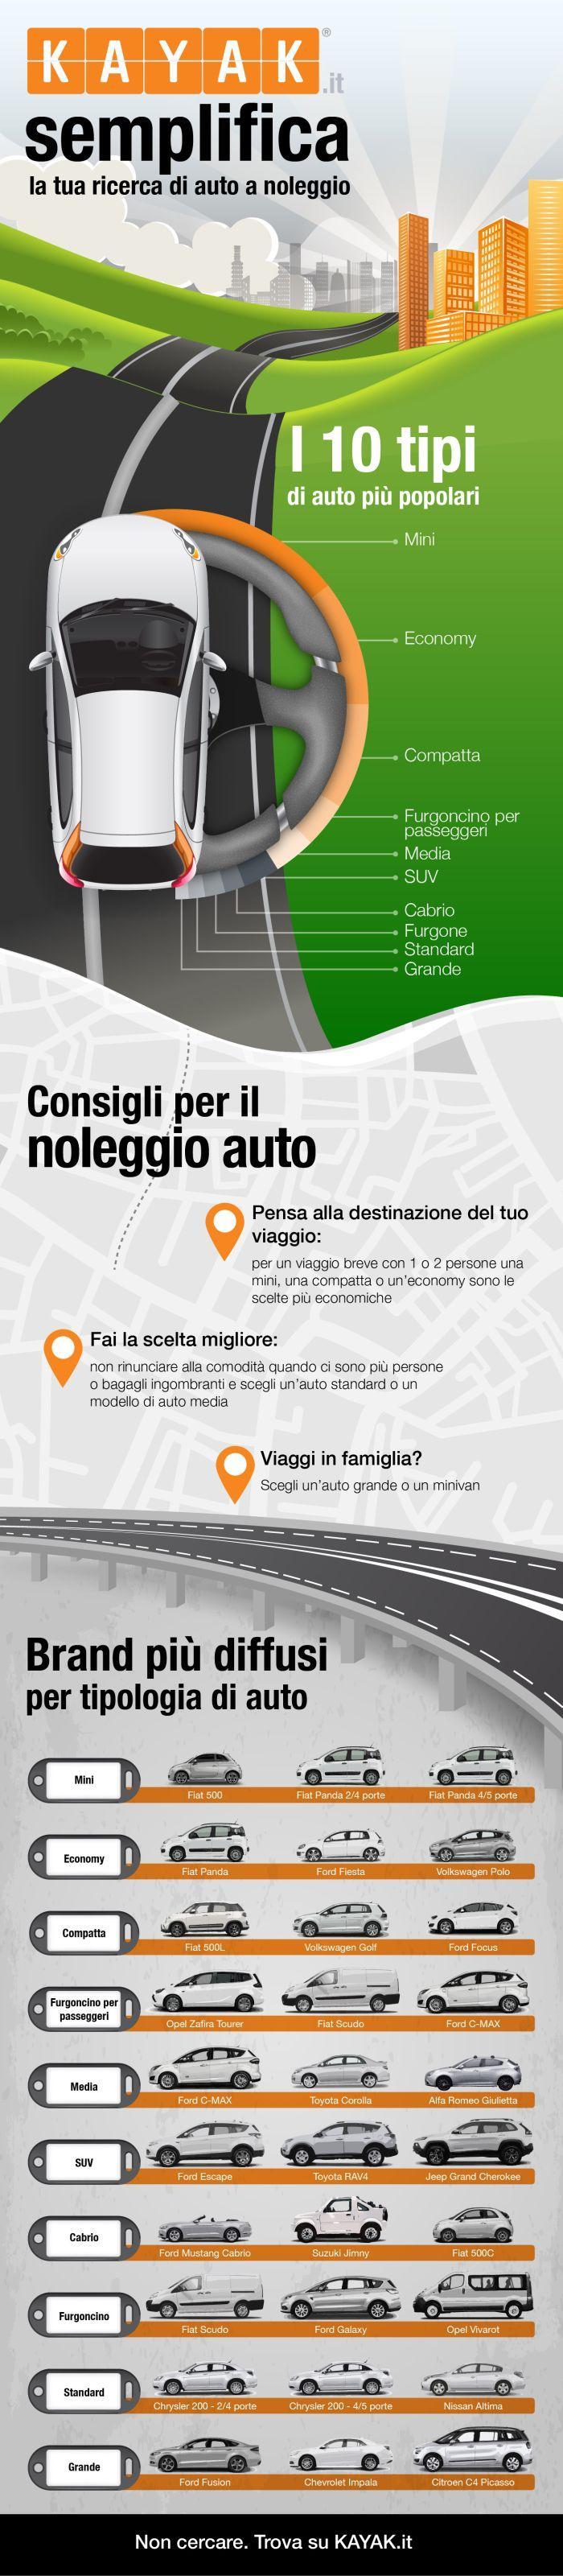 KAYAK auto a noleggio_IT_infograf